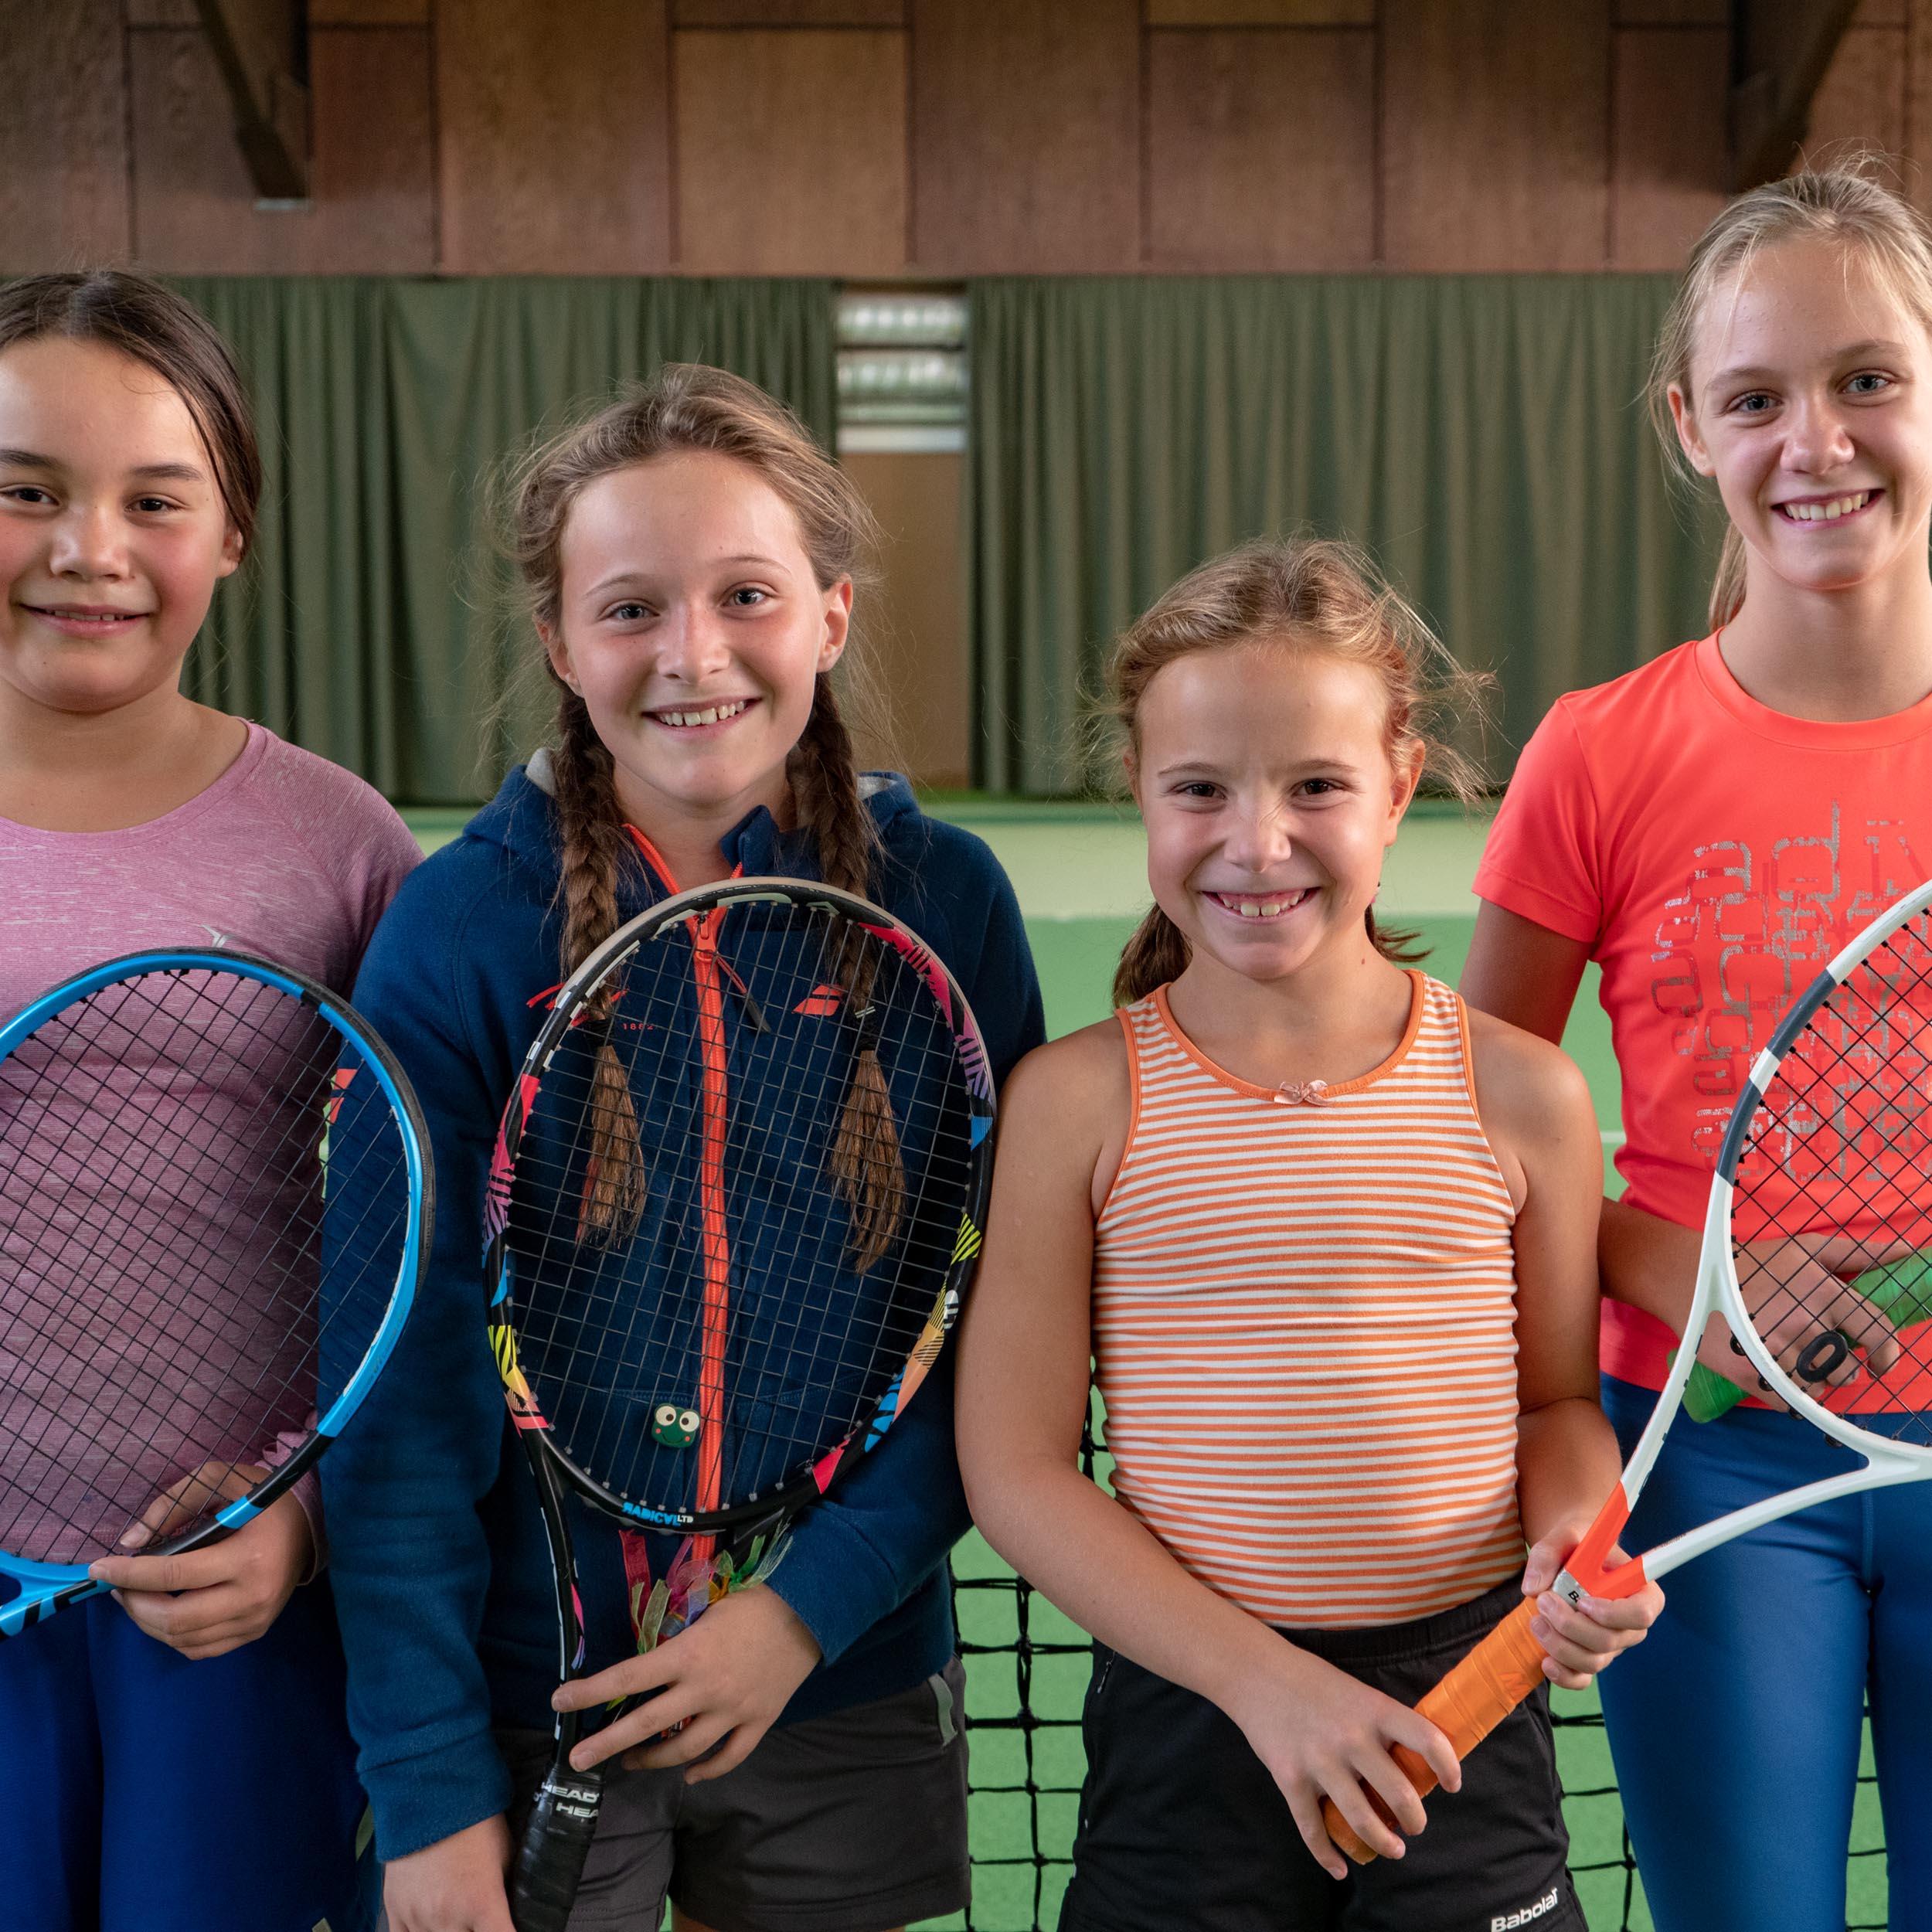 Tennis mit uns macht Spaß